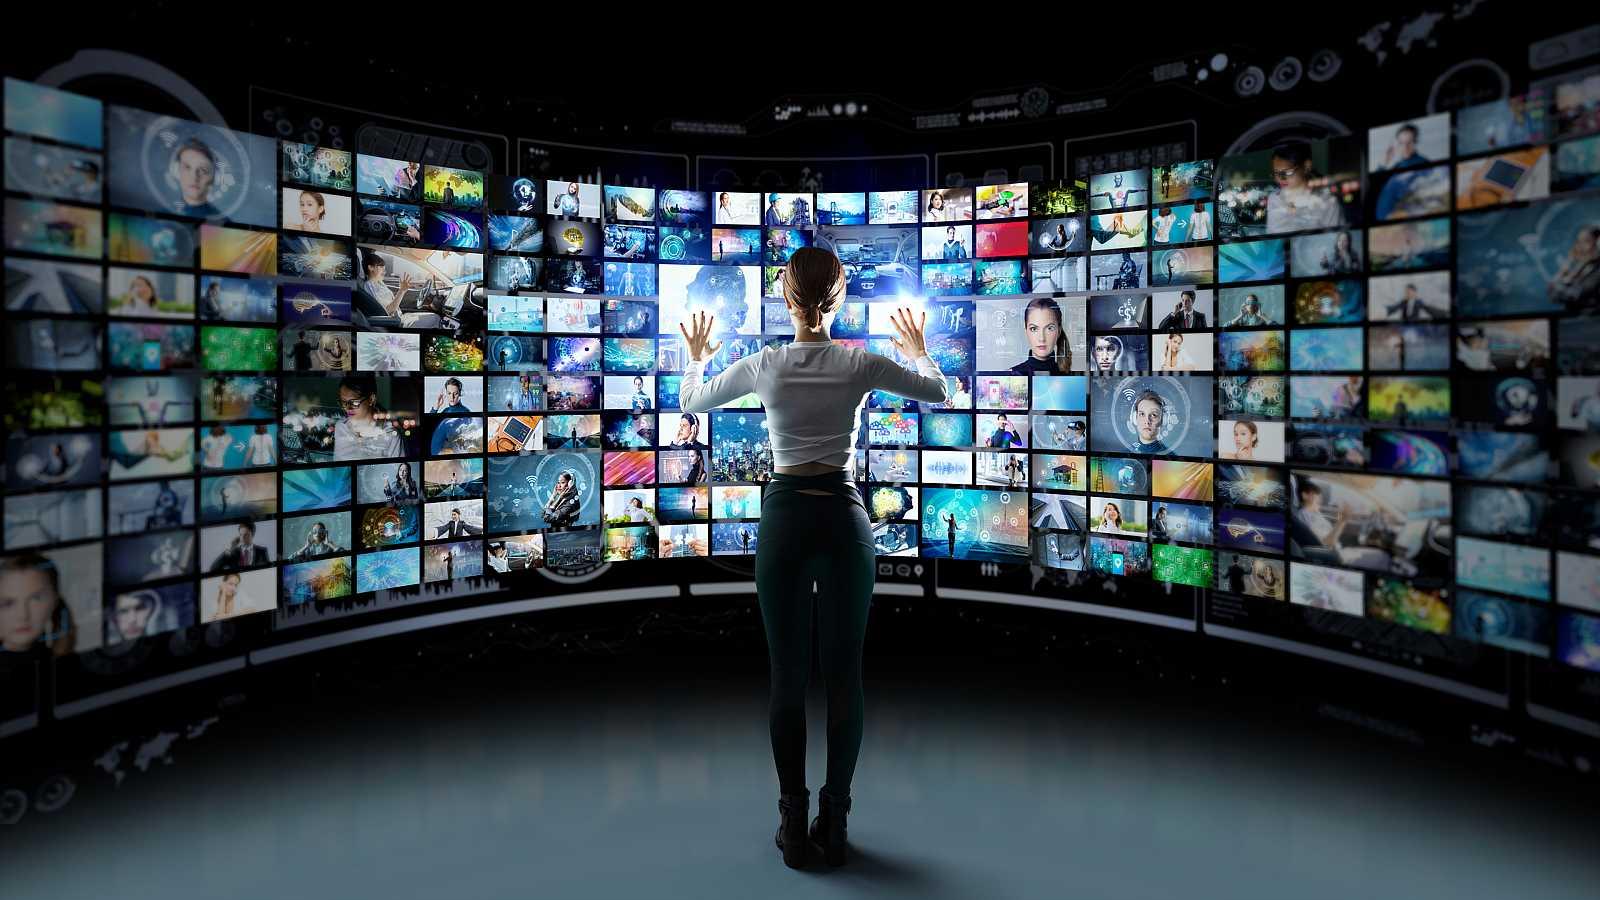 El 5G pide paso, pero para que llegue a nuestros dispositivos, primero, tenemos que hacerle hueco en el espectro radioeléctrico... Así que los canales de televisión se van de mudanza. Seguirán todos los que están, pero en otra banda. Para seguir vién